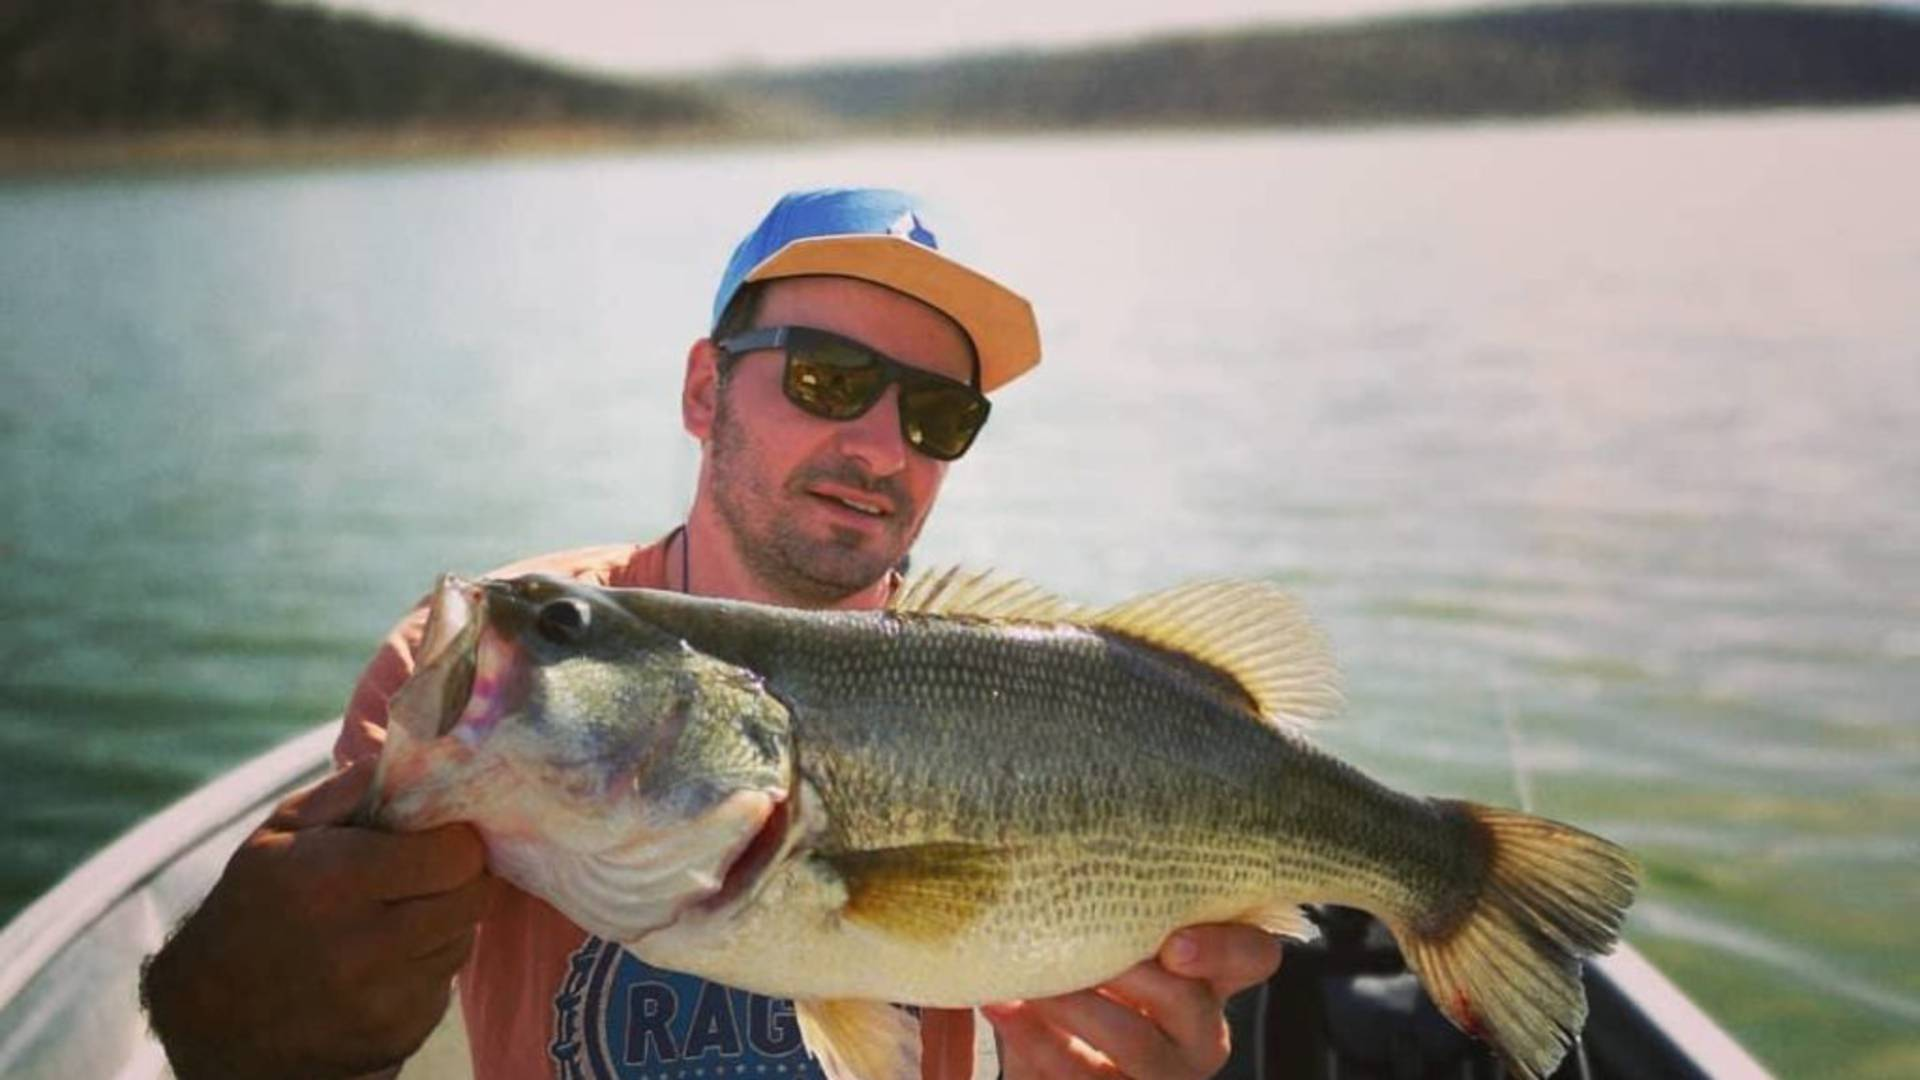 Partie de pêche autour de Millau©Scarnafishing